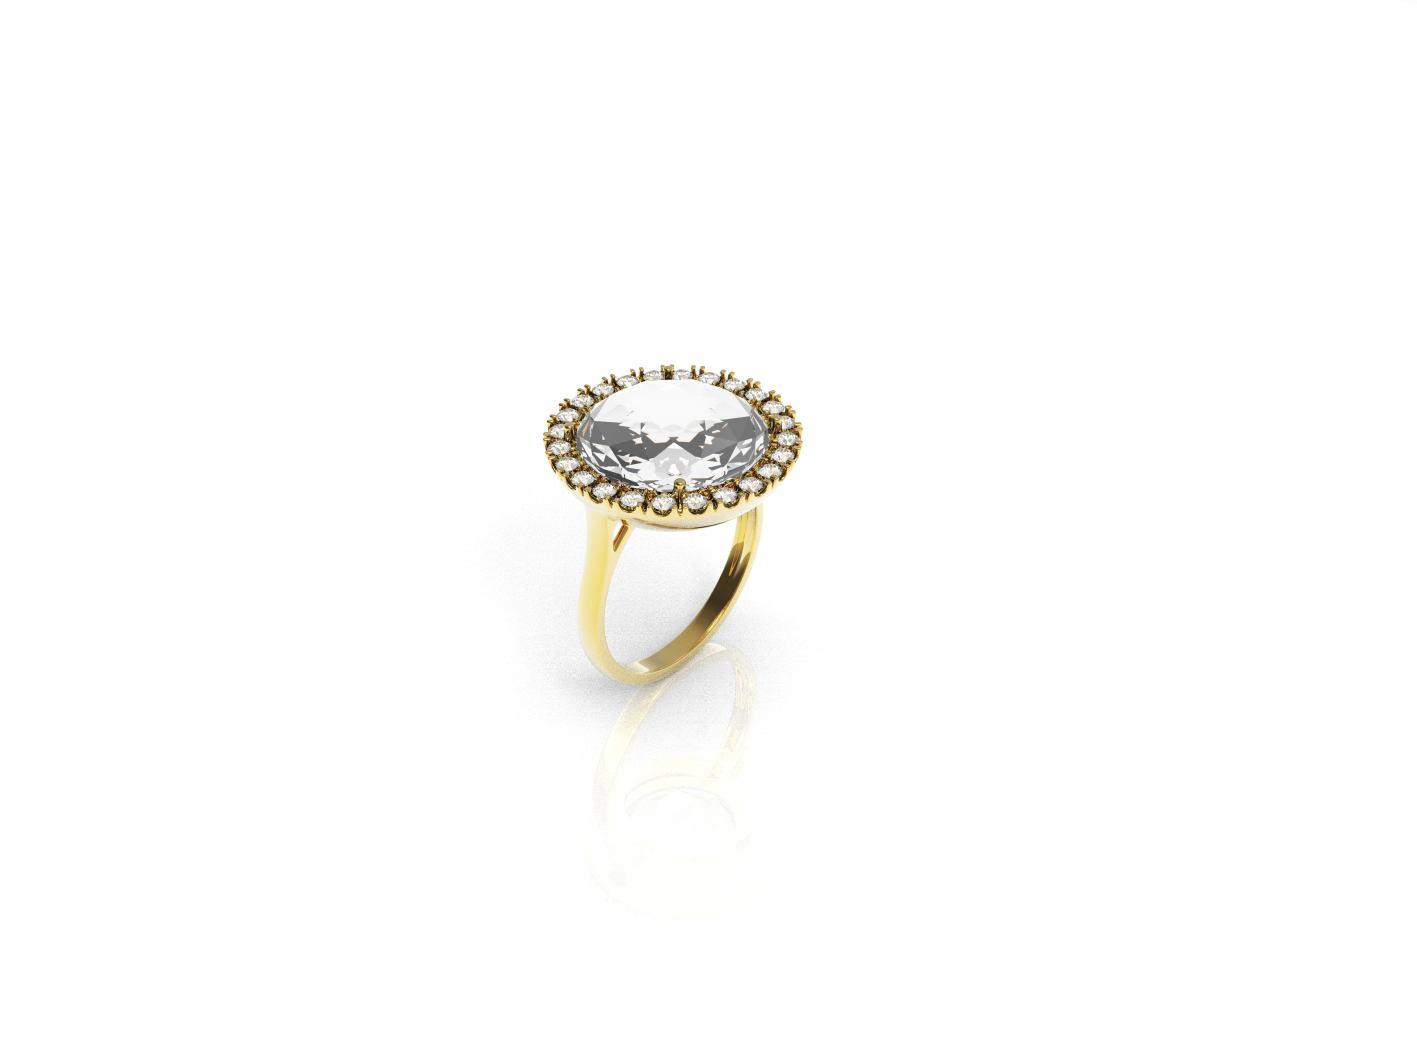 Zlatni prsten, red.cijena 3015kn, sada 1959,75kn - ZAKS